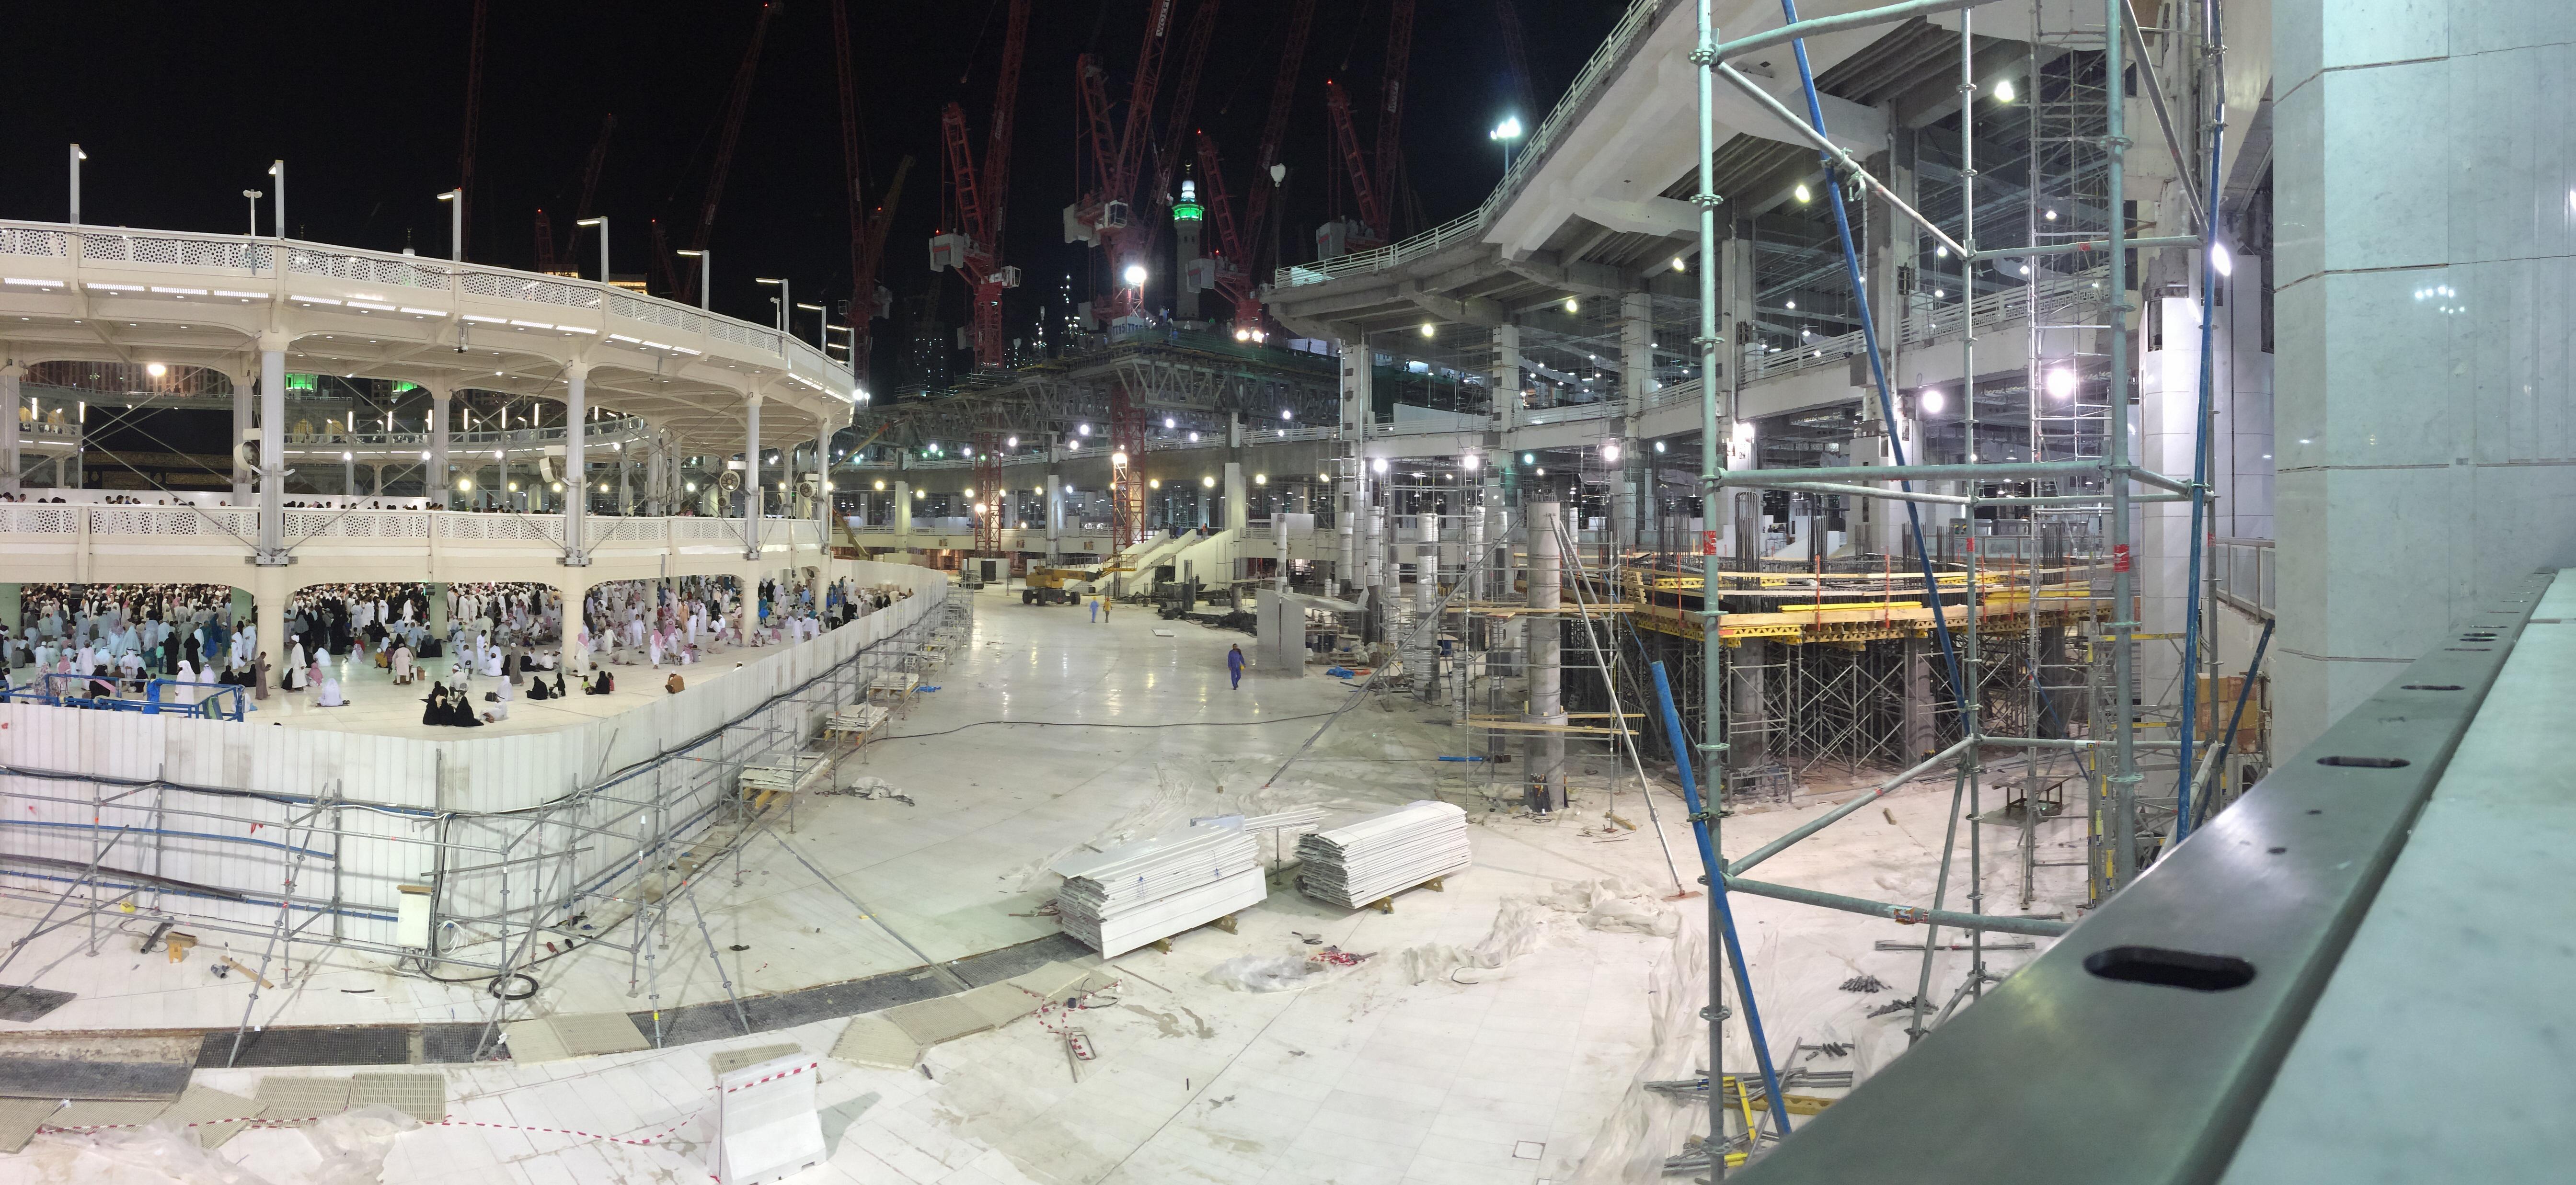 Mecca crane collapse - Wikipedia